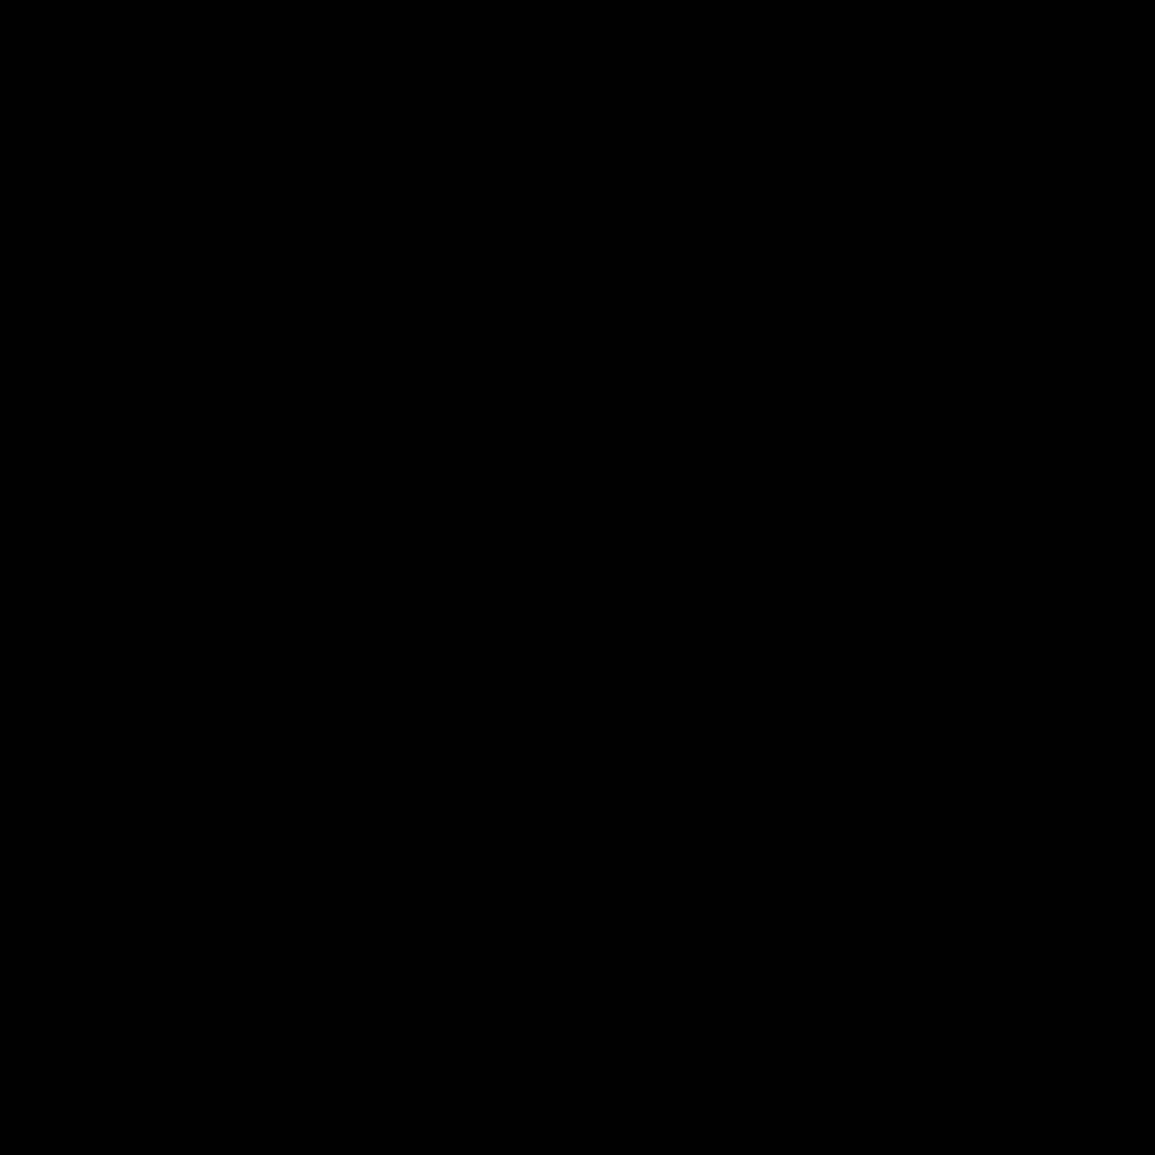 ナール D DNAR 字形見本